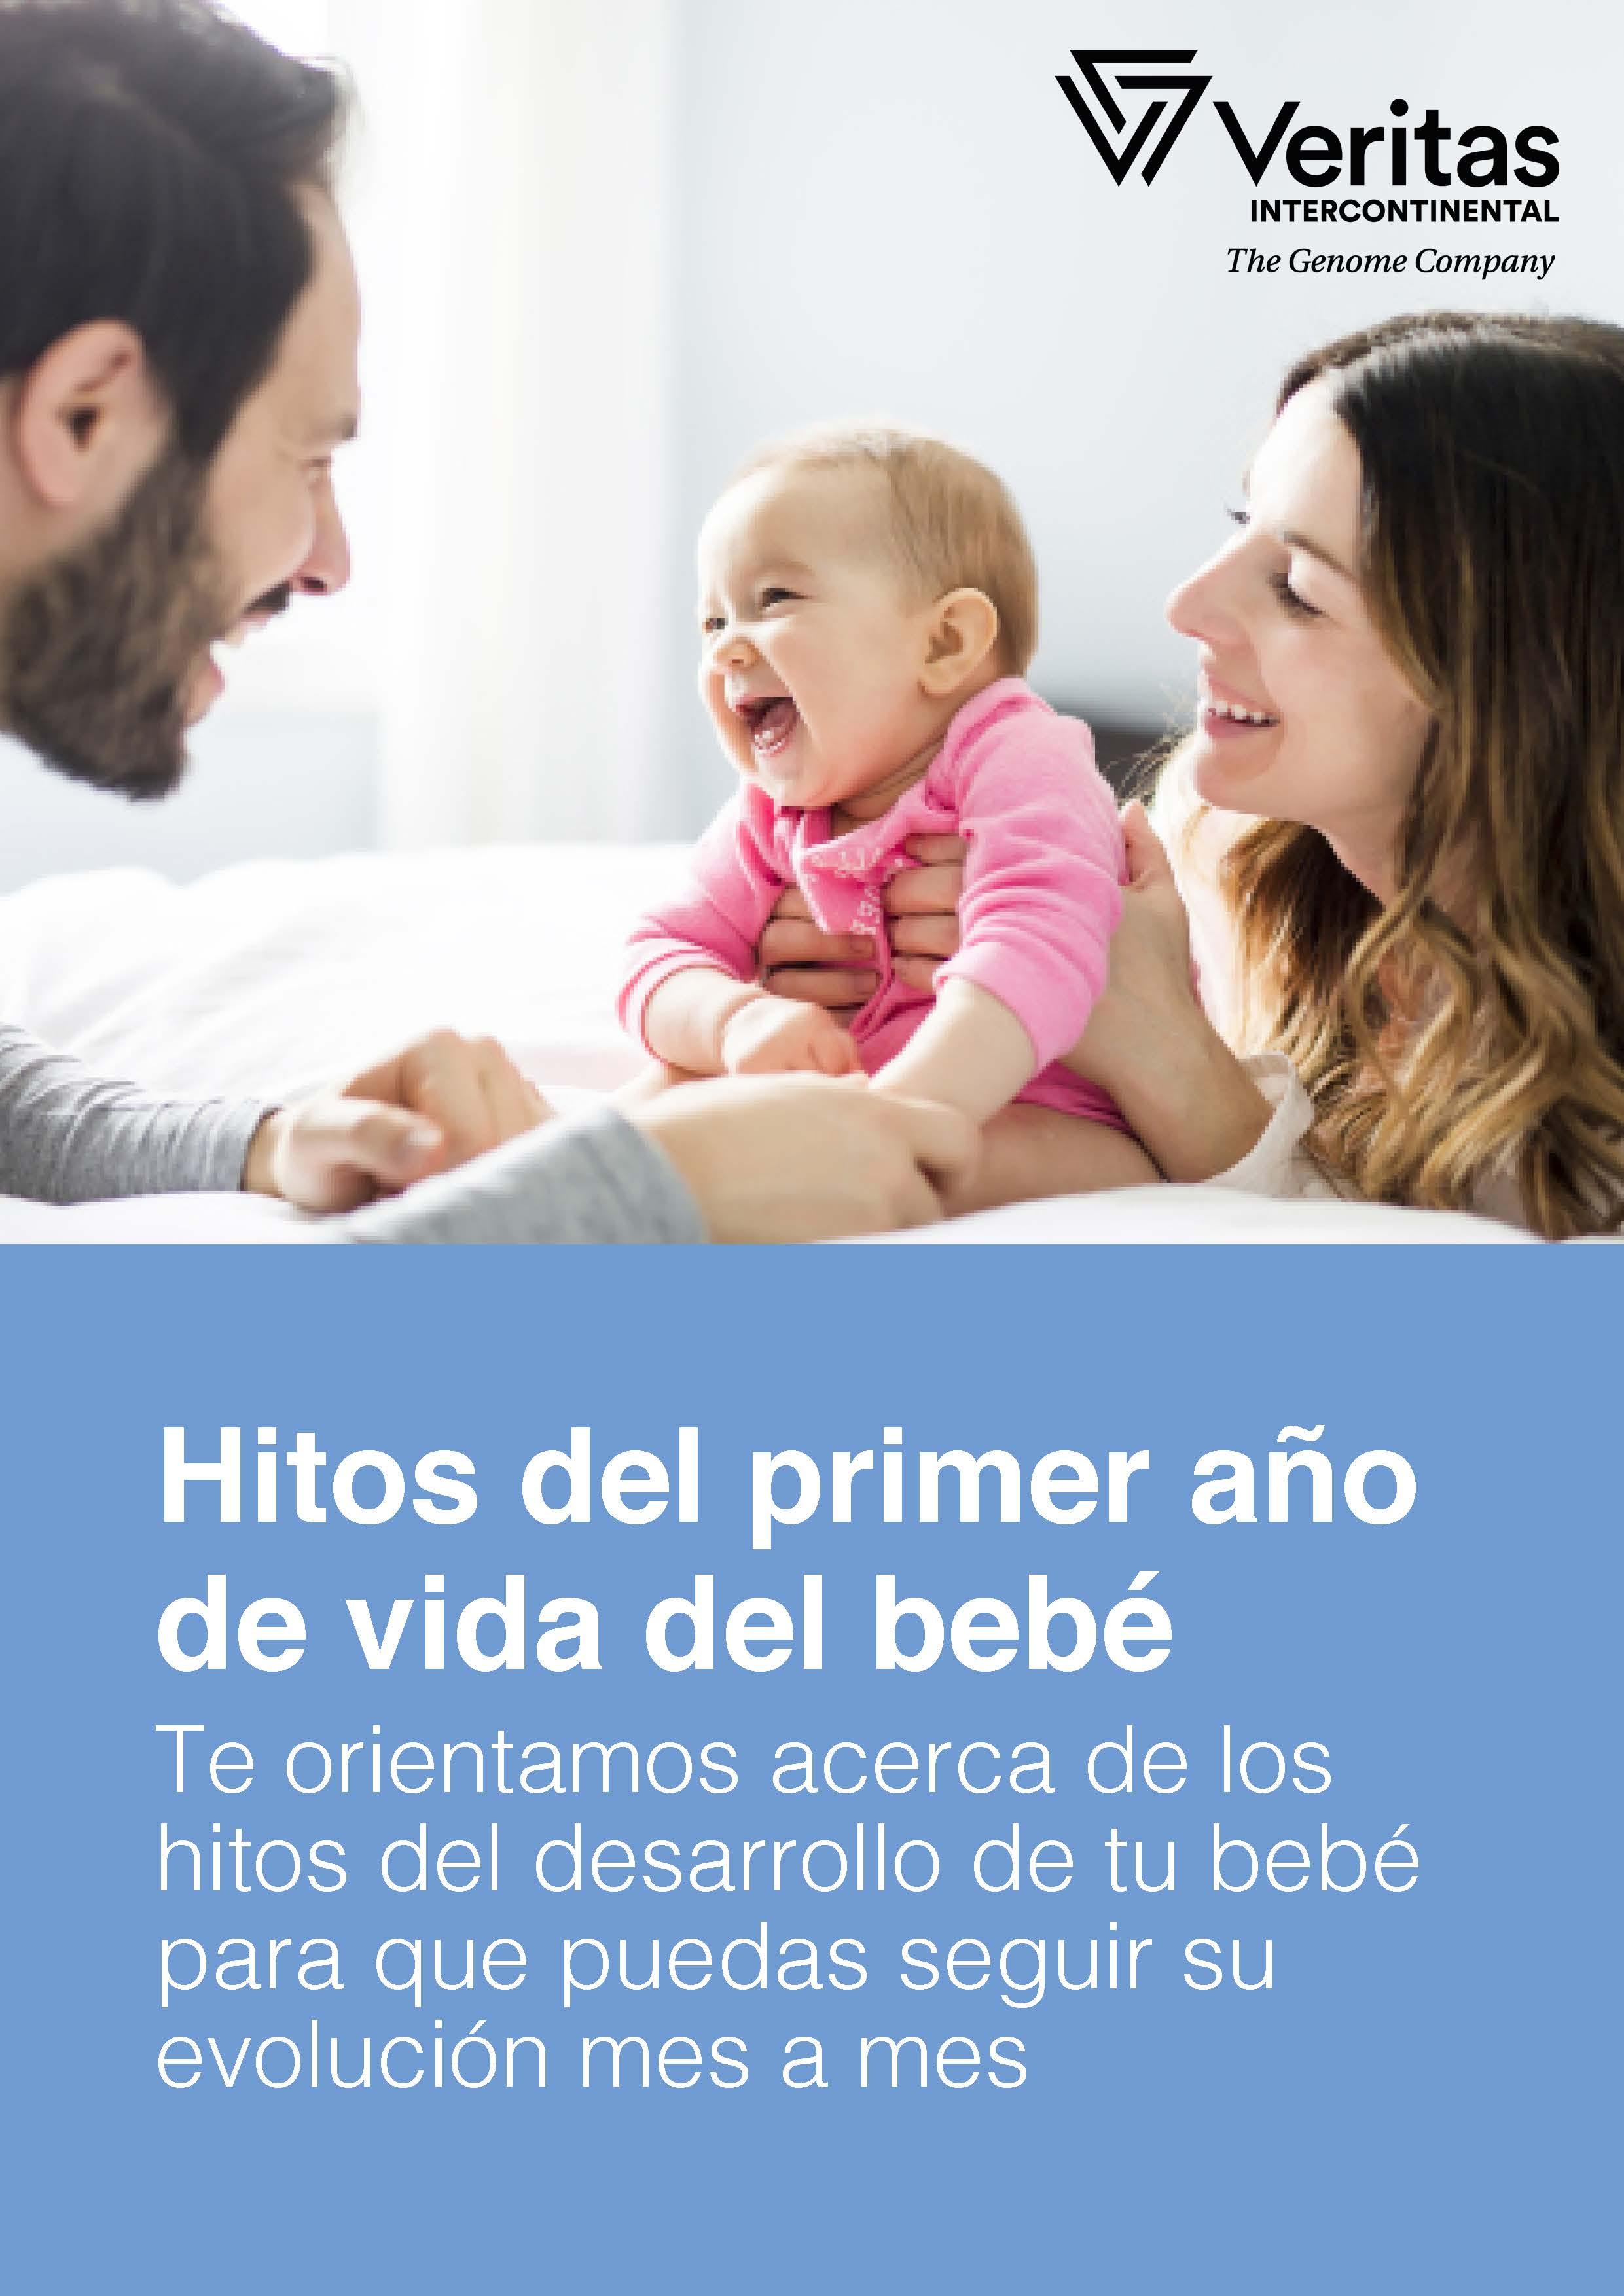 Portada_eBook_Hitos del primer año del bebe